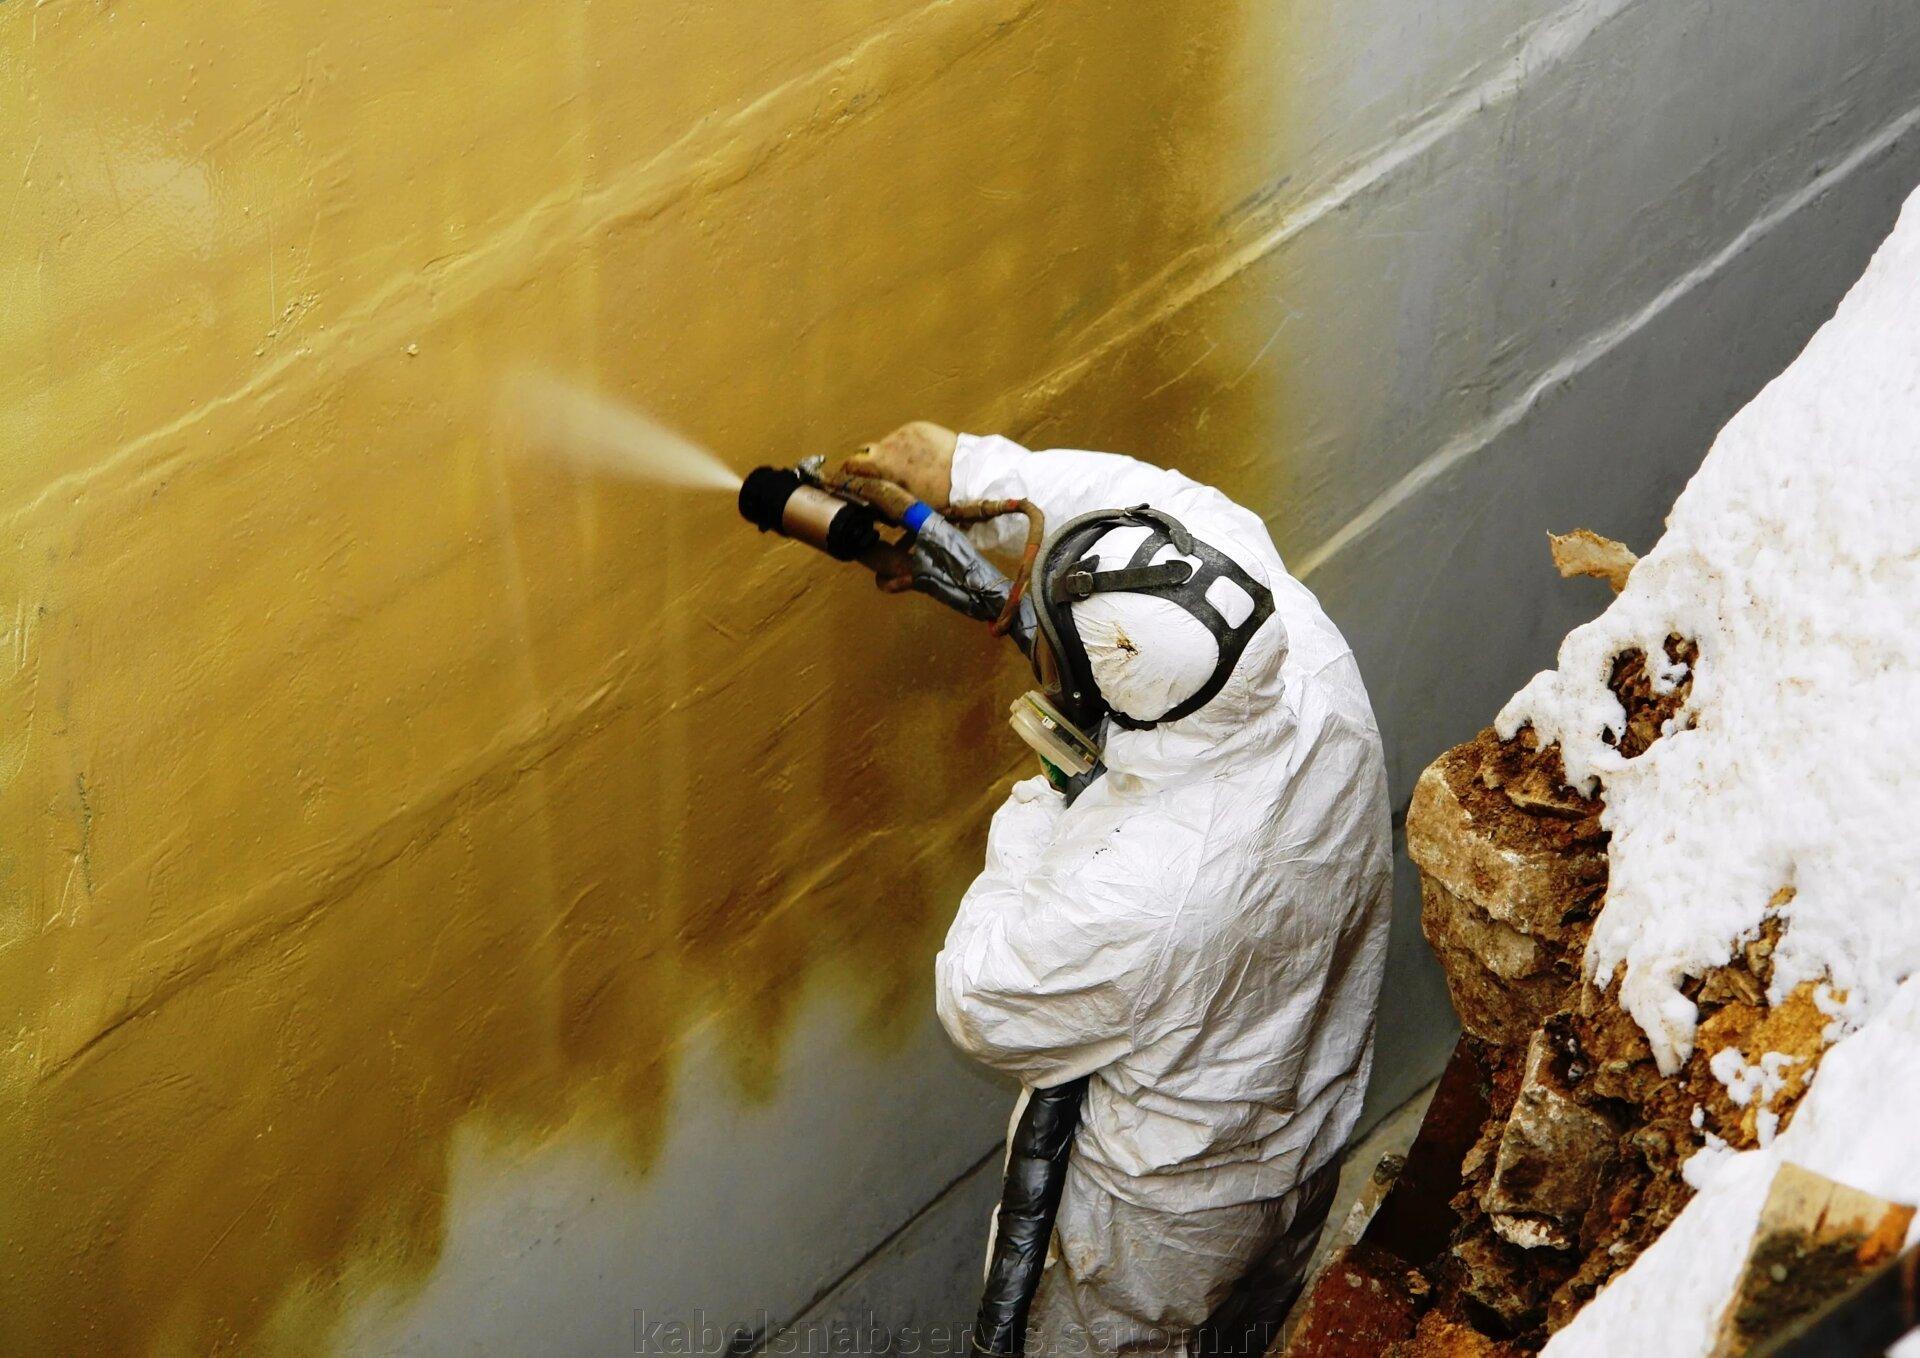 Антикоррозийные краски – превосходная защита металлоконструкций